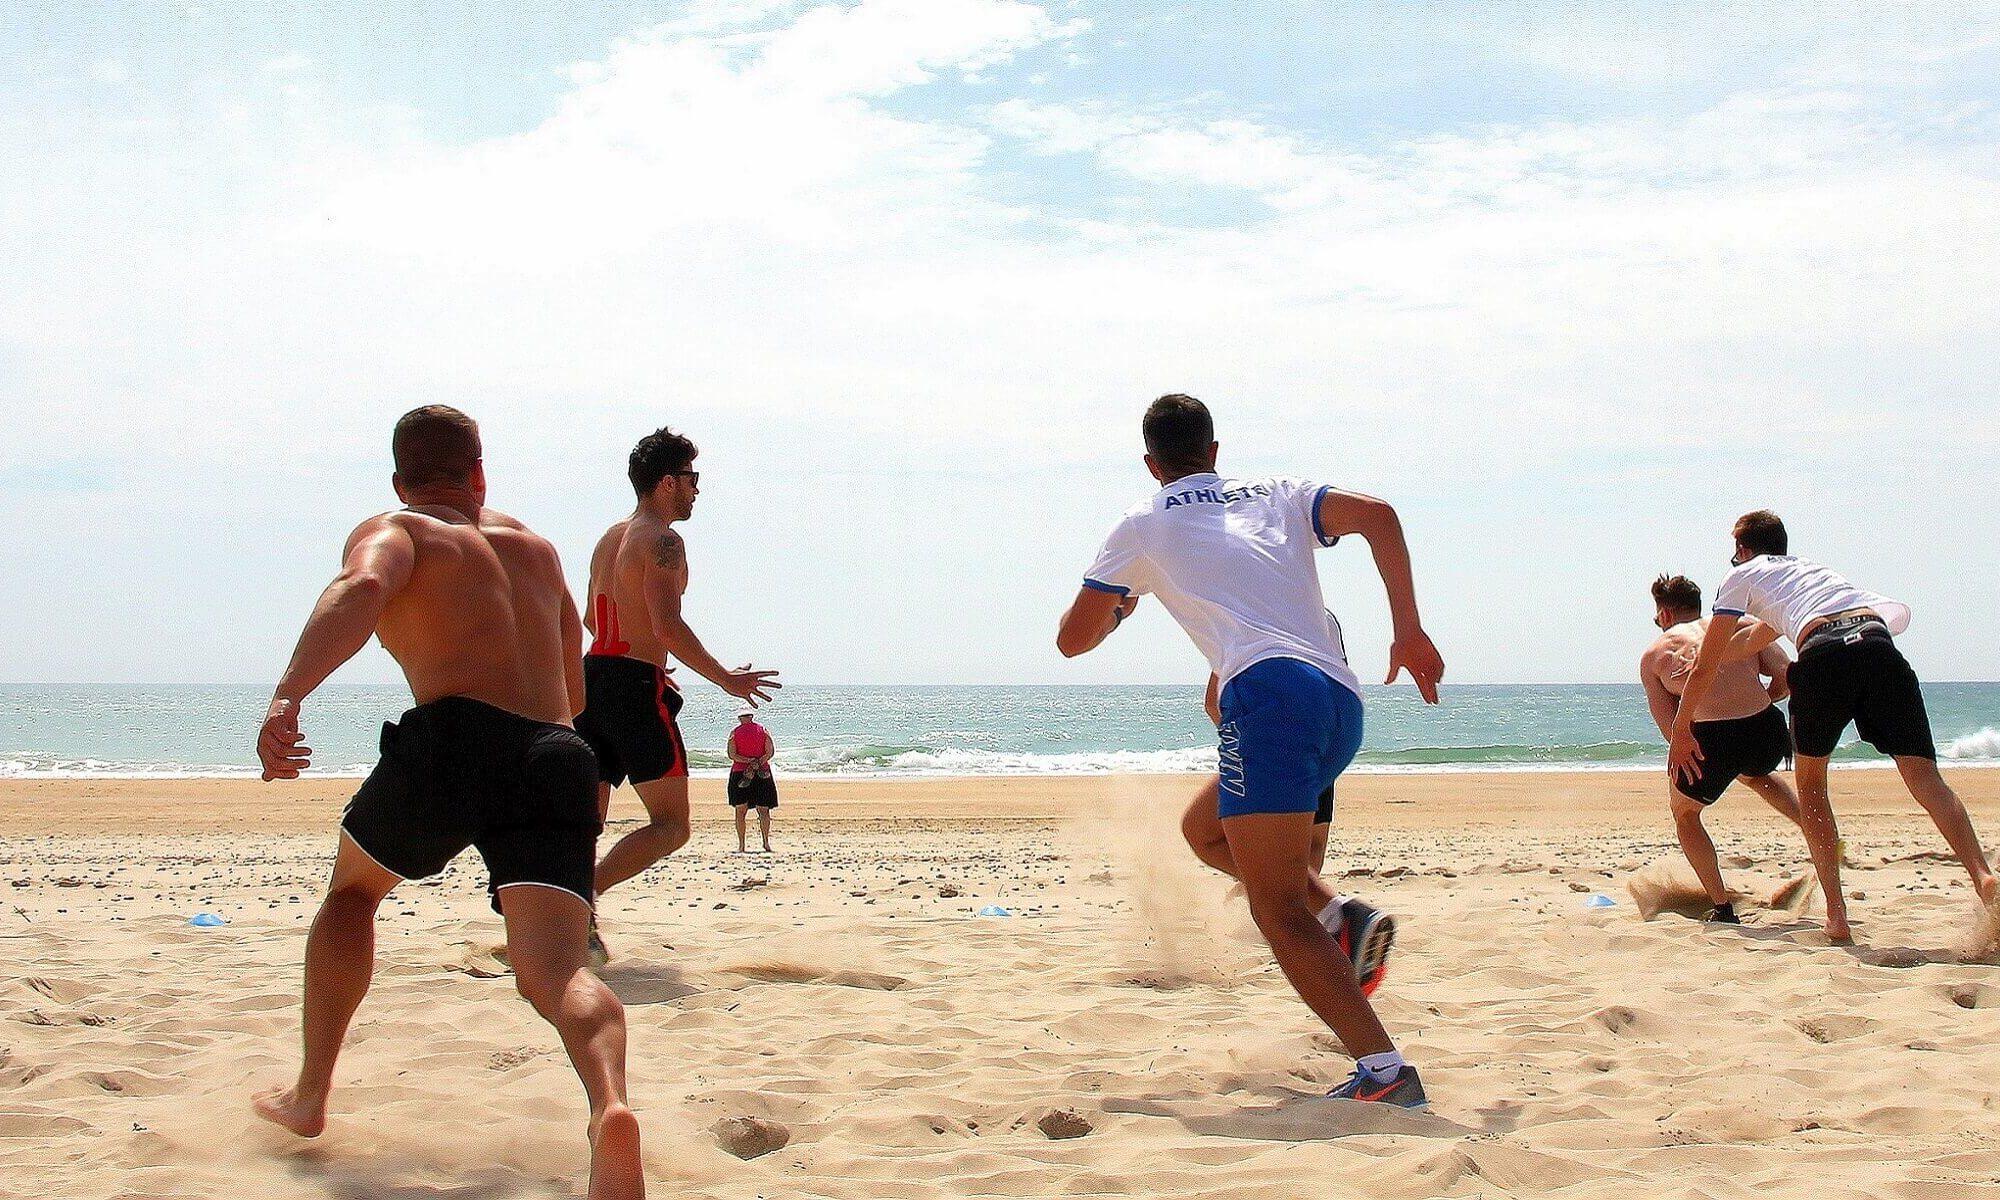 Auch in der Freizeit wird sich bewegt, kleine Runde Fußball am Strand